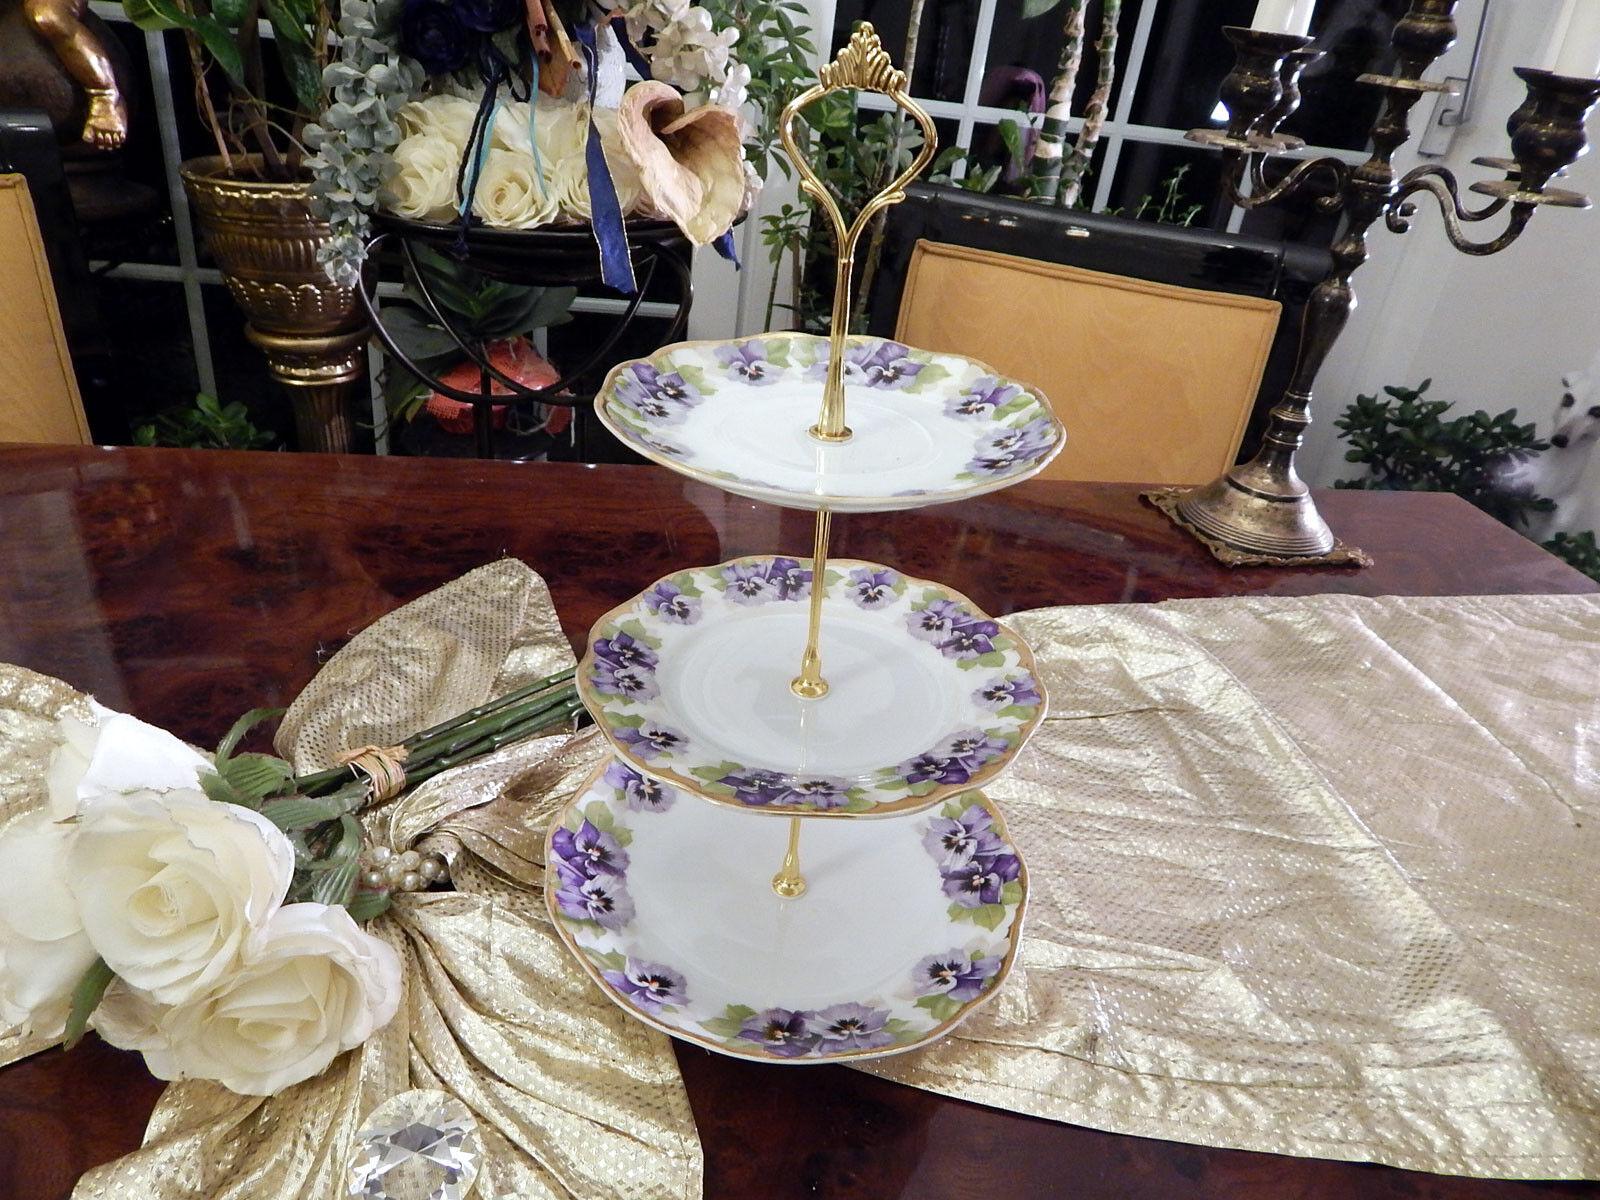 Magnifique etagere table dissertation 3 niveaux rosenthal viktoria Luise très rare